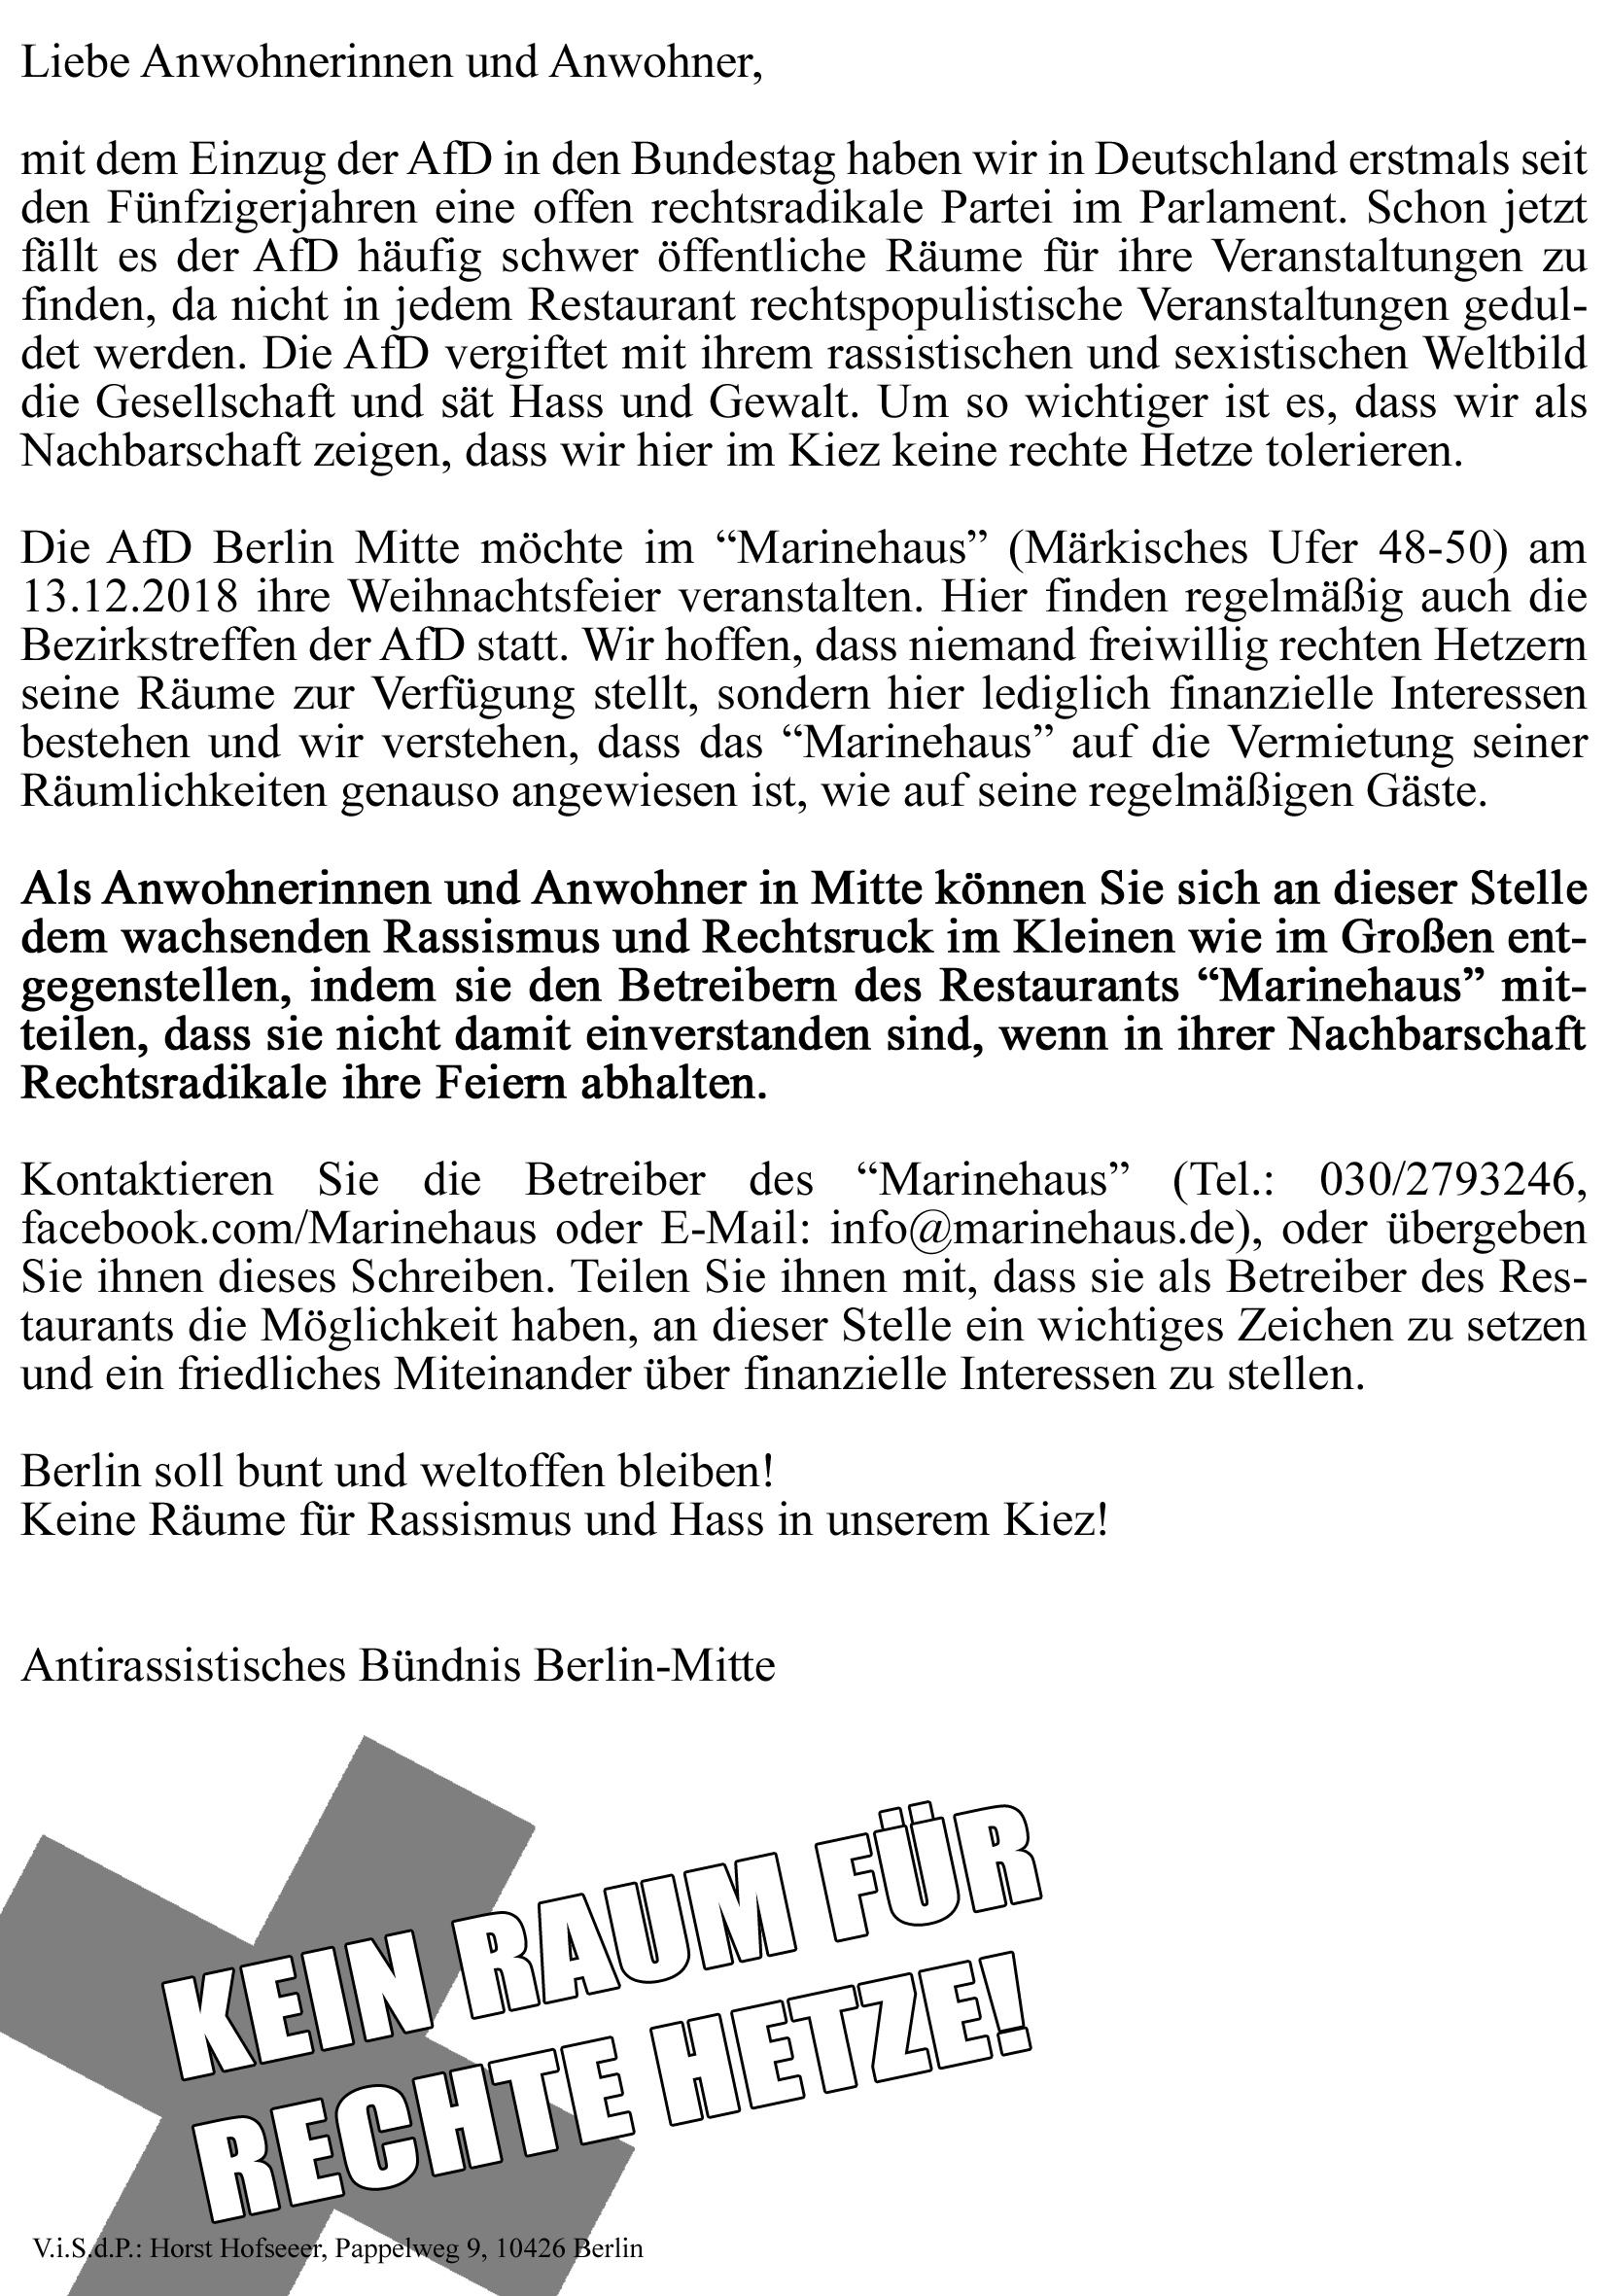 Weihnachtsfeier Berlin Mitte.Keine Afd Feier In Berlin Mitte Rassist Innen Raus Aus Dem